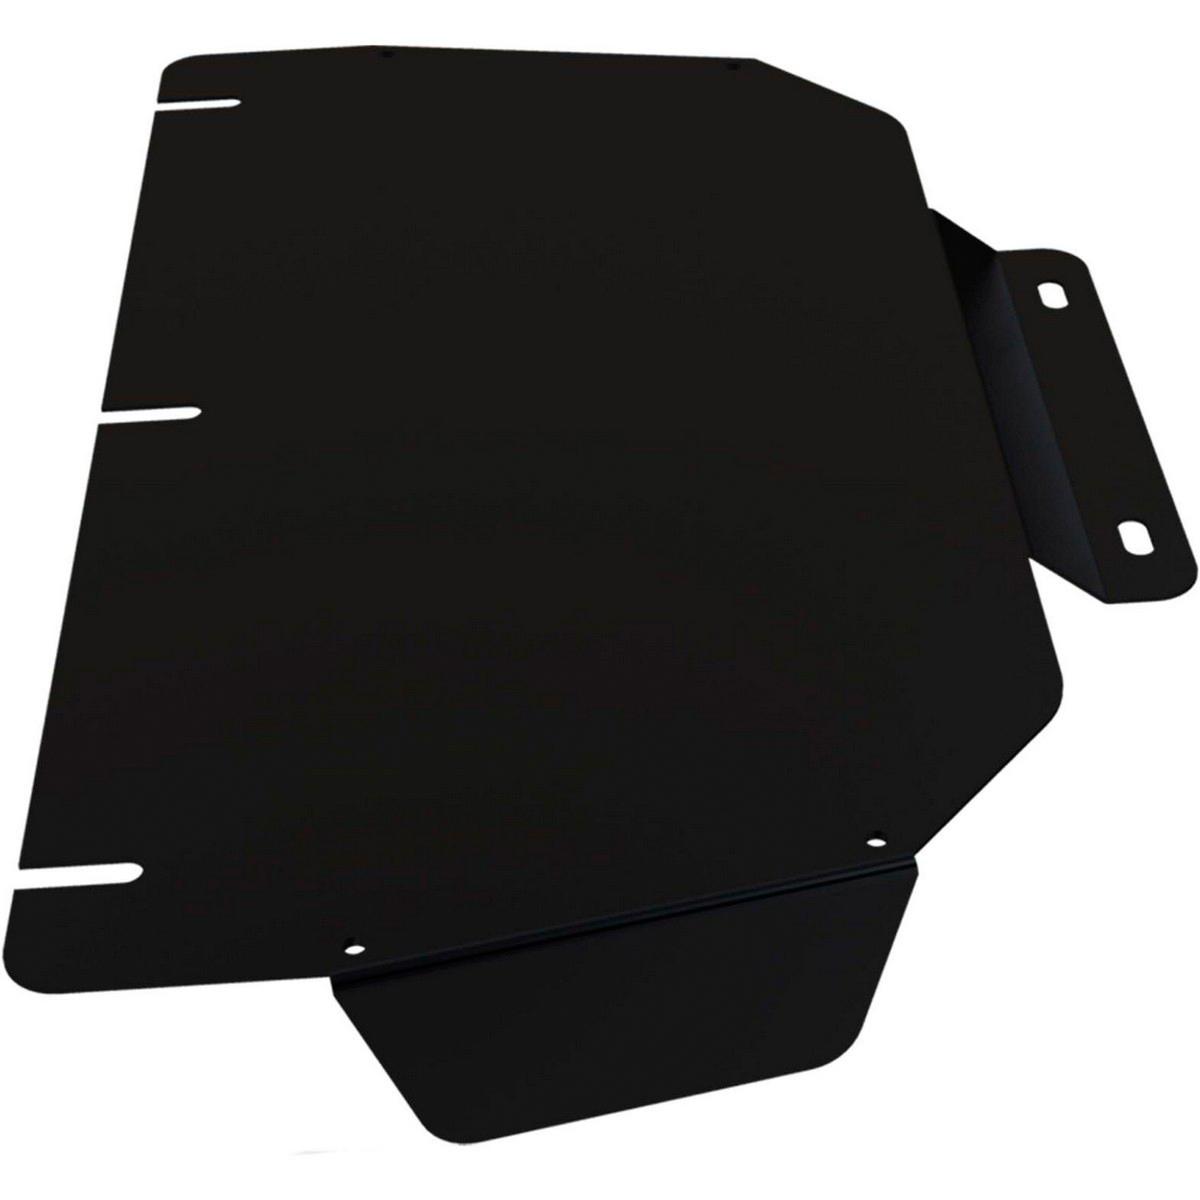 Защита картера Автоброня Kia Sorento 2005-2009, сталь 2 мм111.02808.1Защита картера Автоброня Kia Sorento, V - 2,5; 3,3 2005-2009, сталь 2 мм, комплект крепежа, 111.02808.1 Дополнительно можно приобрести другие защитные элементы из комплекта: защита радиатора - 1.02807.1, защита КПП - 111.02809.1, защита РК - 111.02810.1Стальные защиты Автоброня надежно защищают ваш автомобиль от повреждений при наезде на бордюры, выступающие канализационные люки, кромки поврежденного асфальта или при ремонте дорог, не говоря уже о загородных дорогах. - Имеют оптимальное соотношение цена-качество. - Спроектированы с учетом особенностей автомобиля, что делает установку удобной. - Защита устанавливается в штатные места кузова автомобиля. - Является надежной защитой для важных элементов на протяжении долгих лет. - Глубокий штамп дополнительно усиливает конструкцию защиты. - Подштамповка в местах крепления защищает крепеж от срезания. - Технологические отверстия там, где они необходимы для смены масла и слива воды, оборудованные заглушками, закрепленными на защите. Толщина стали 2 мм. В комплекте крепеж и инструкция по установке.Уважаемые клиенты! Обращаем ваше внимание на тот факт, что защита имеет форму, соответствующую модели данного автомобиля. Наличие глубокого штампа и лючков для смены фильтров/масла предусмотрено не на всех защитах. Фото служит для визуального восприятия товара.